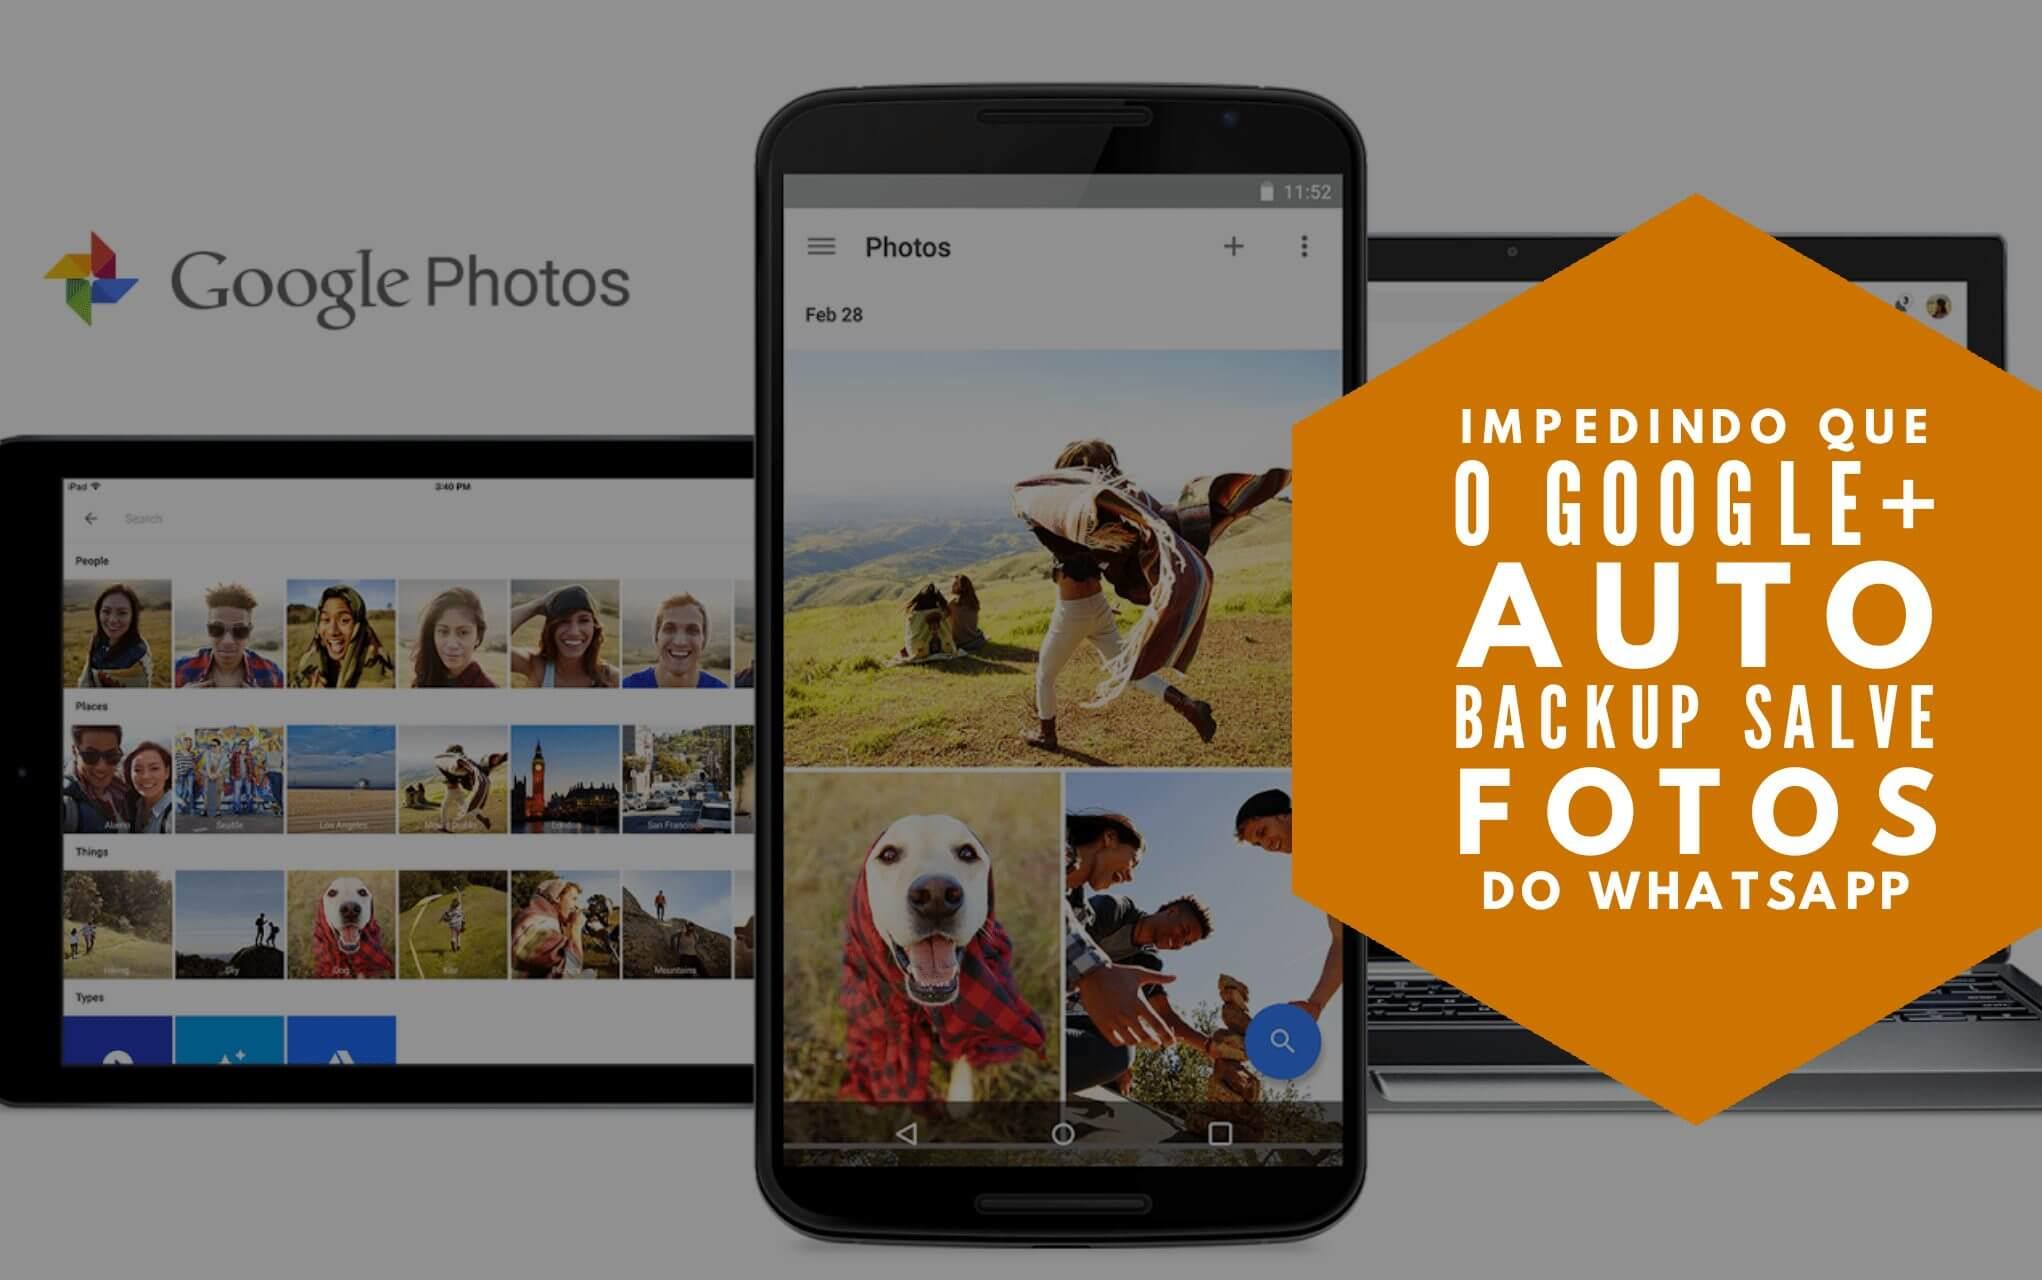 Tutorial: Impedindo que o Google+ Auto Backup salve fotos do Whatsapp